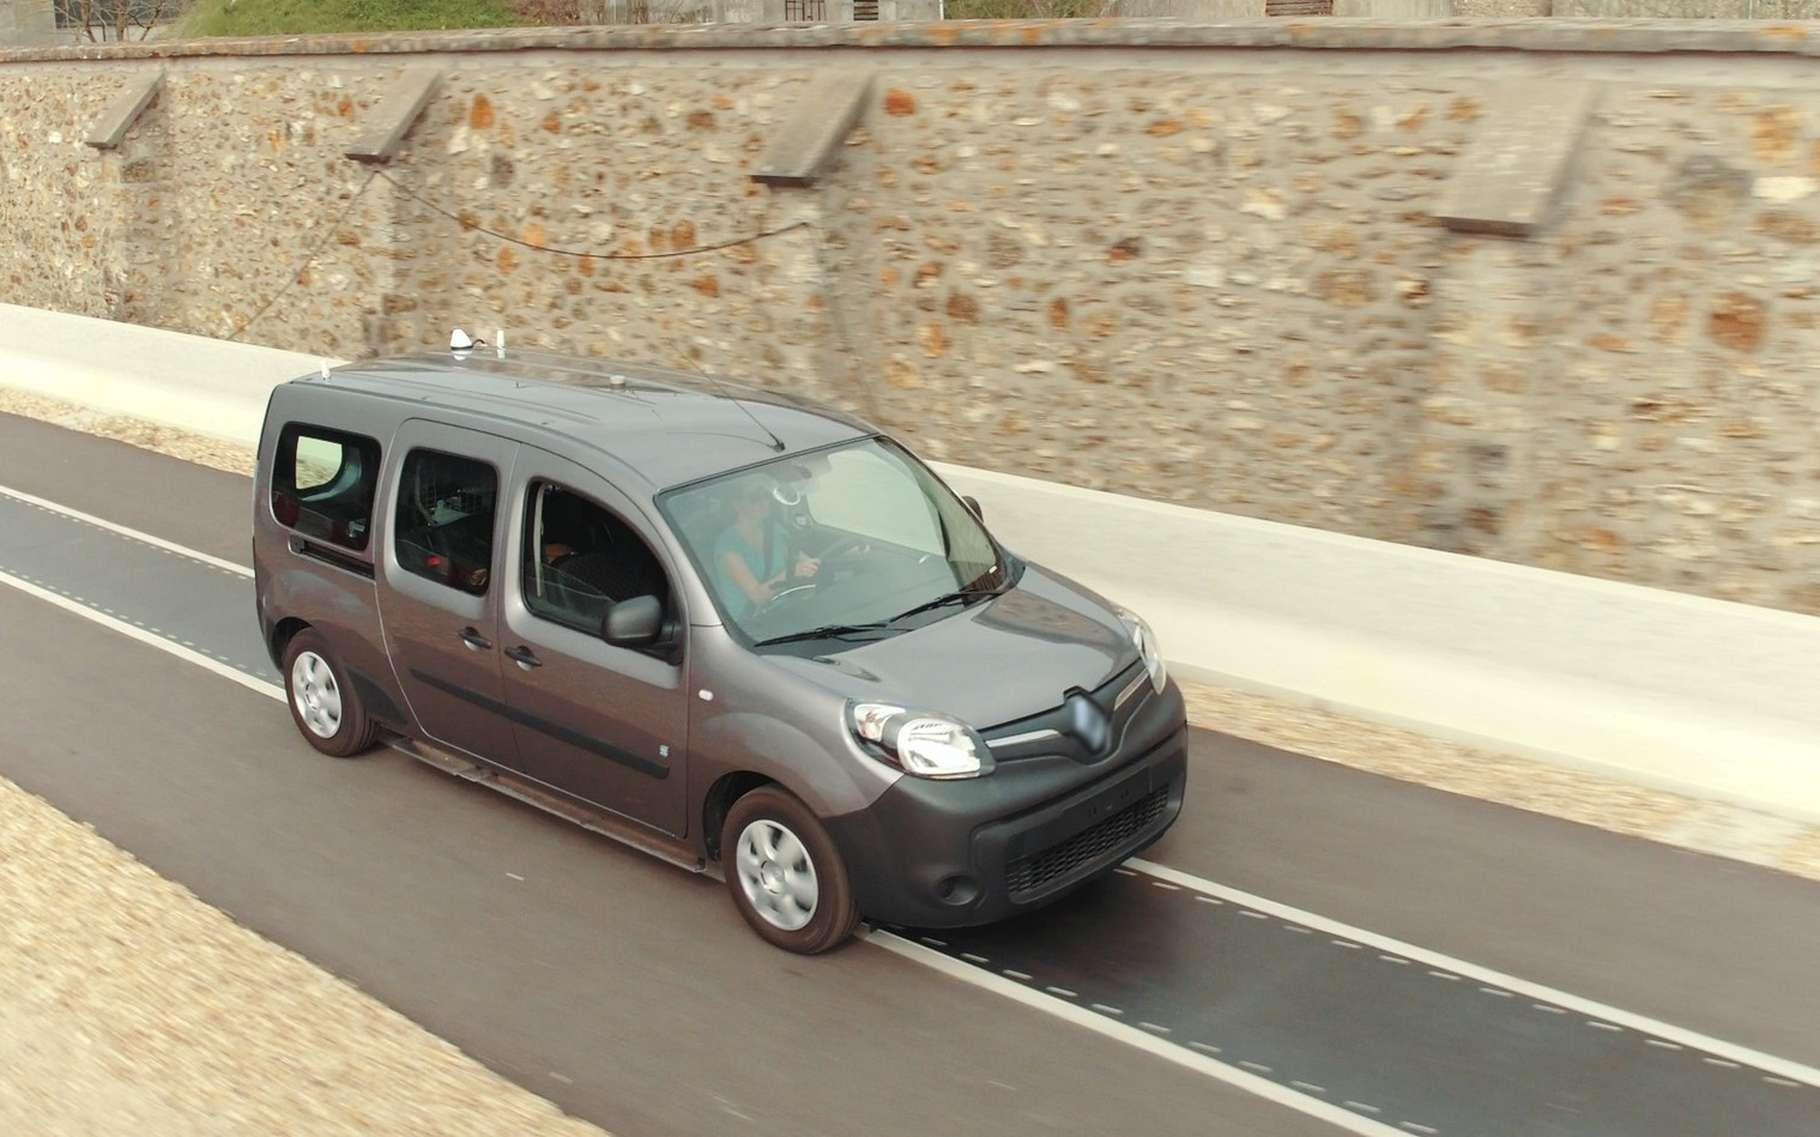 Renault a testé le concept de recharge sans contact par induction électromagnétique avec deux Kangoo ZE électriques. © Renault, Qualcomm, Vedecom